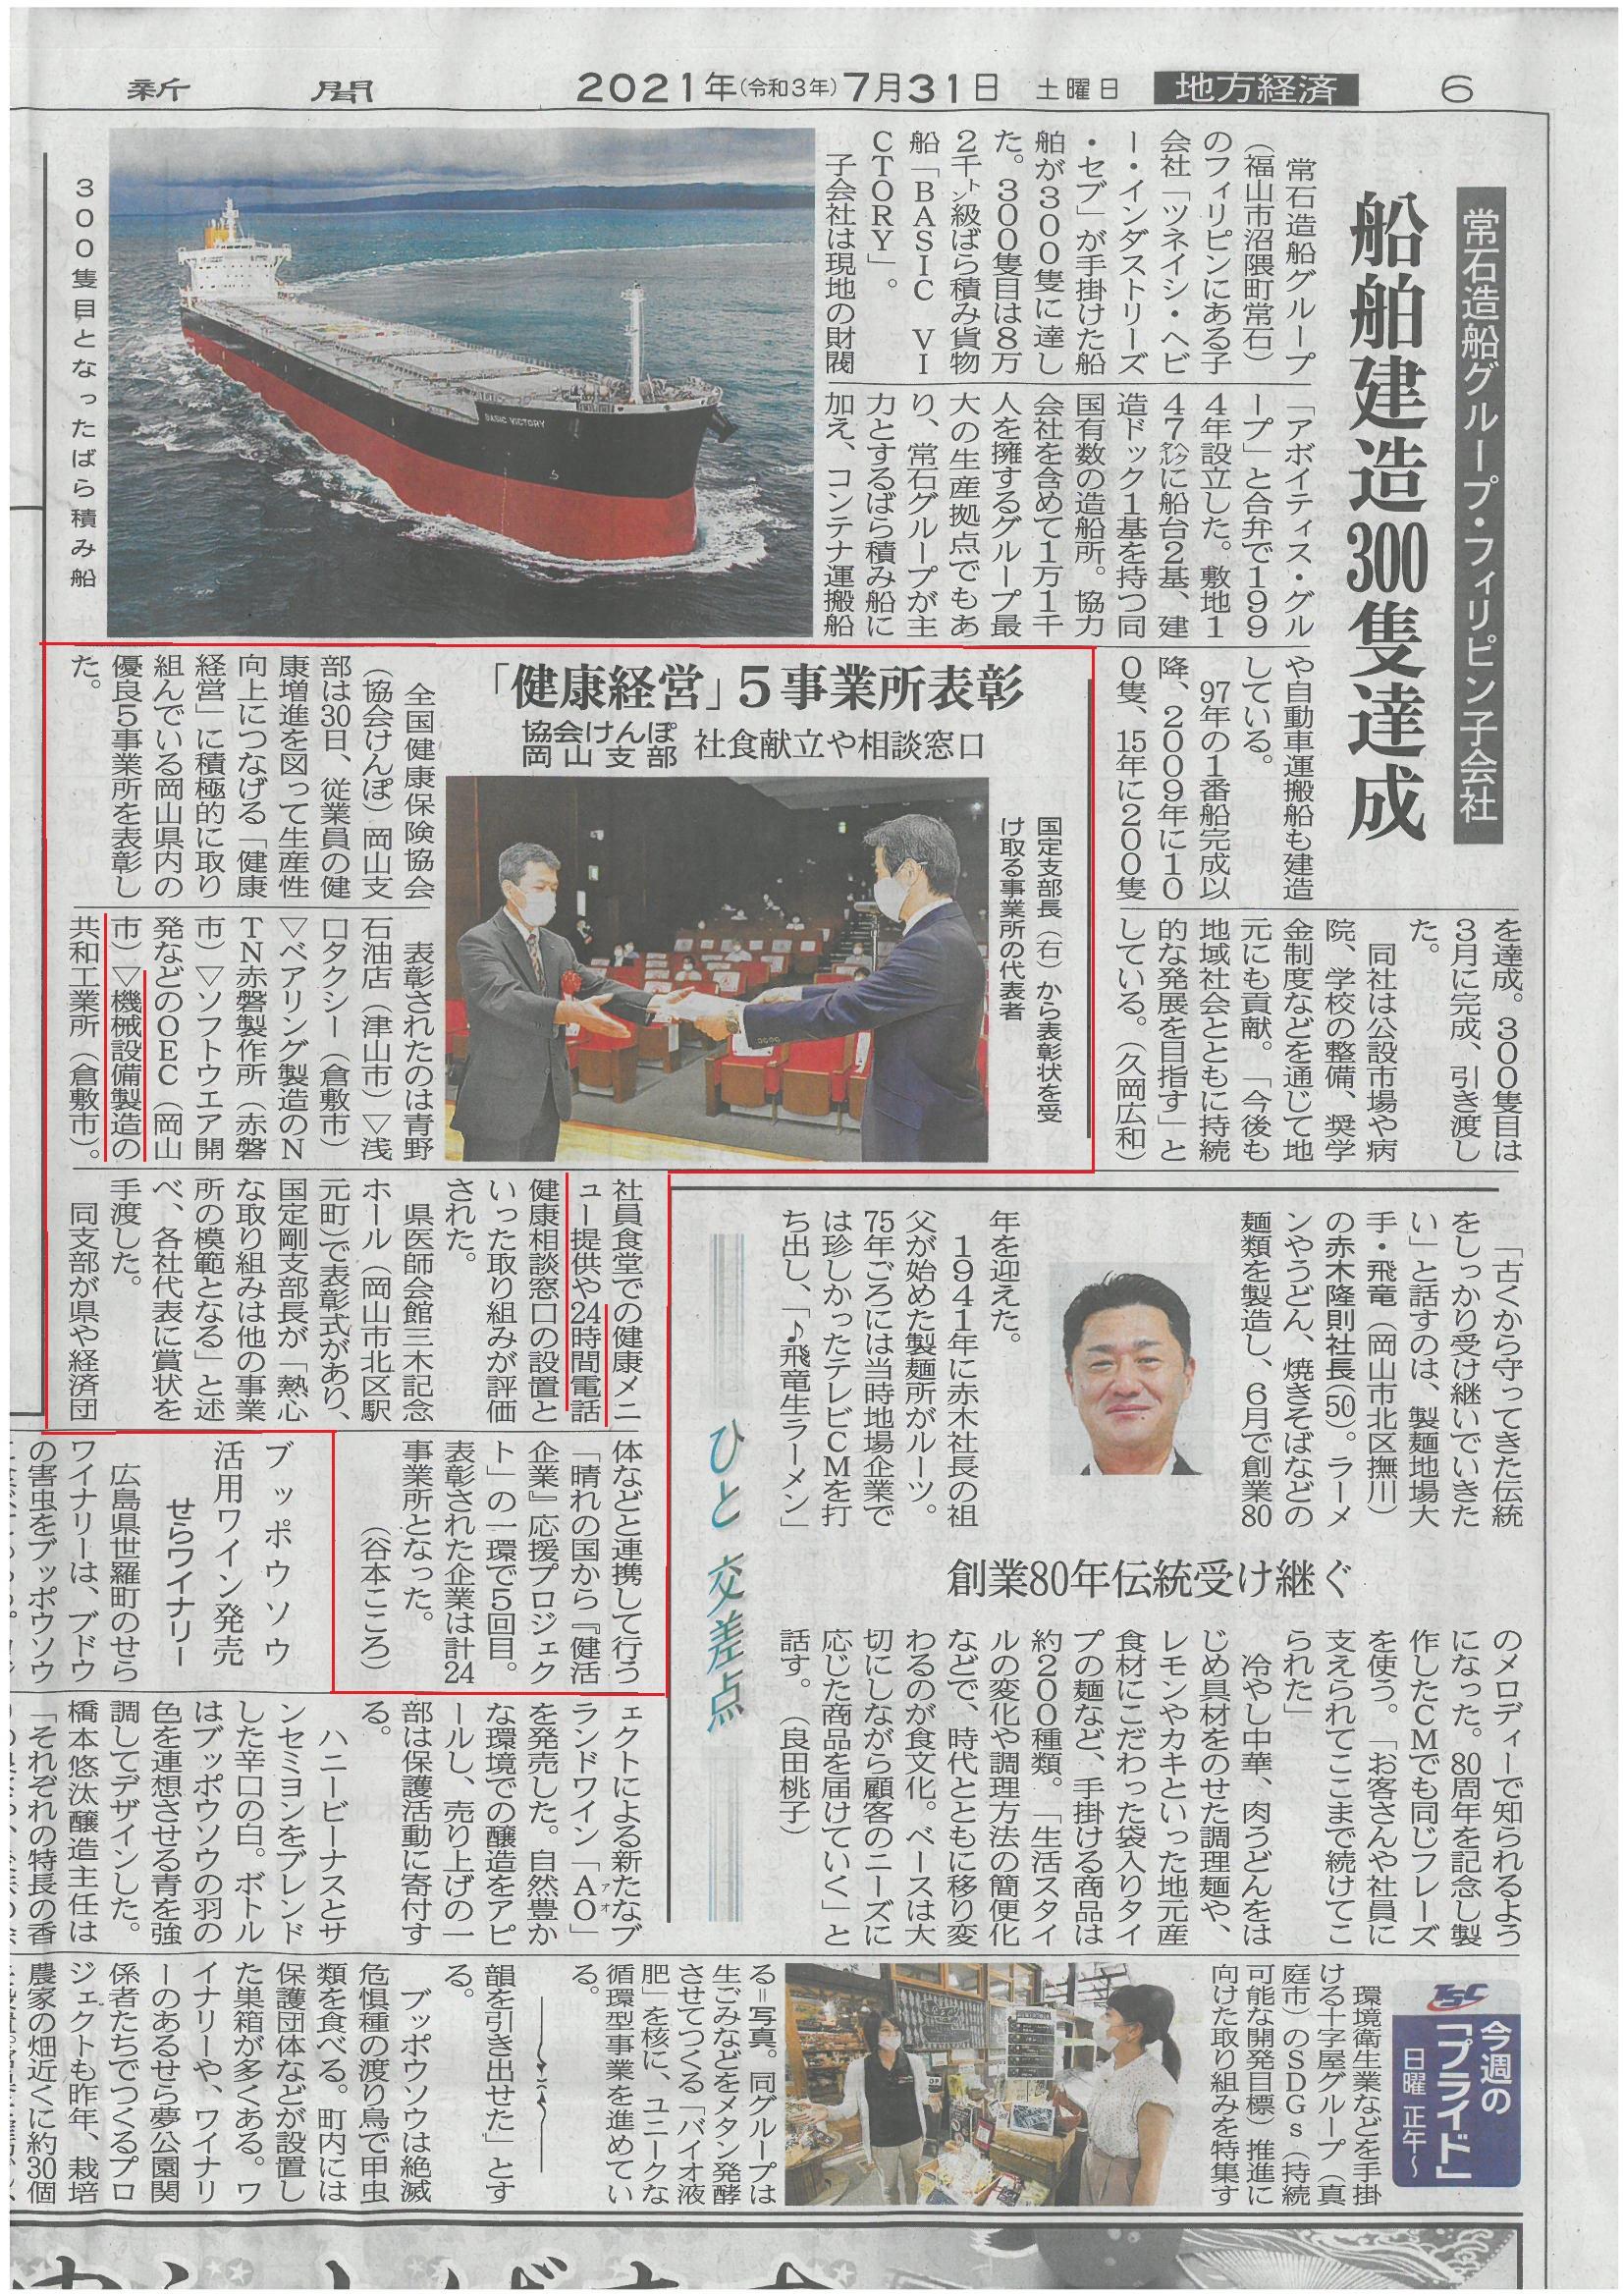 山陽新聞『健活企業表彰』についての記事